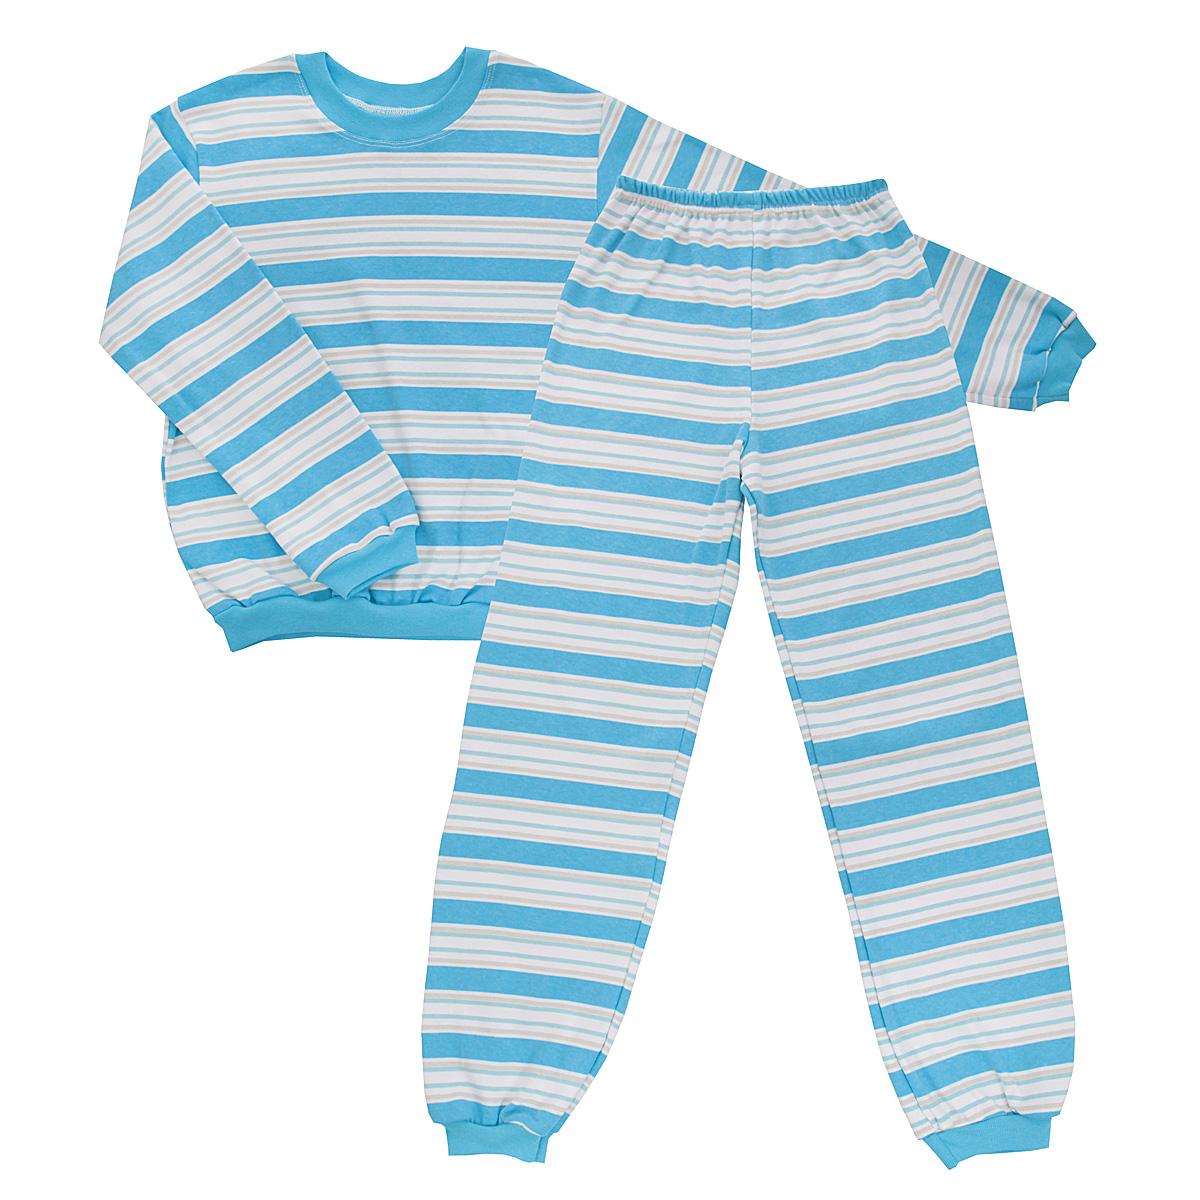 Пижама детская Трон-плюс, цвет: голубой, белый. 5555_полоска. Размер 80/86, 1-2 года5555_полоскаУютная детская пижама Трон-плюс, состоящая из джемпера и брюк, идеально подойдет вашему ребенку и станет отличным дополнением к детскому гардеробу. Изготовленная из интерлока, она необычайно мягкая и легкая, не сковывает движения, позволяет коже дышать и не раздражает даже самую нежную и чувствительную кожу ребенка. Трикотажный джемпер с длинными рукавами имеет круглый вырез горловины. Низ изделия, рукава и вырез горловины дополнены эластичной трикотажной резинкой контрастного цвета.Брюки на талии имеют эластичную резинку, благодаря чему не сдавливают живот ребенка и не сползают. Низ брючин дополнен широкими эластичными манжетами контрастного цвета.Оформлено изделие принтом в полоску. В такой пижаме ваш ребенок будет чувствовать себя комфортно и уютно во время сна.